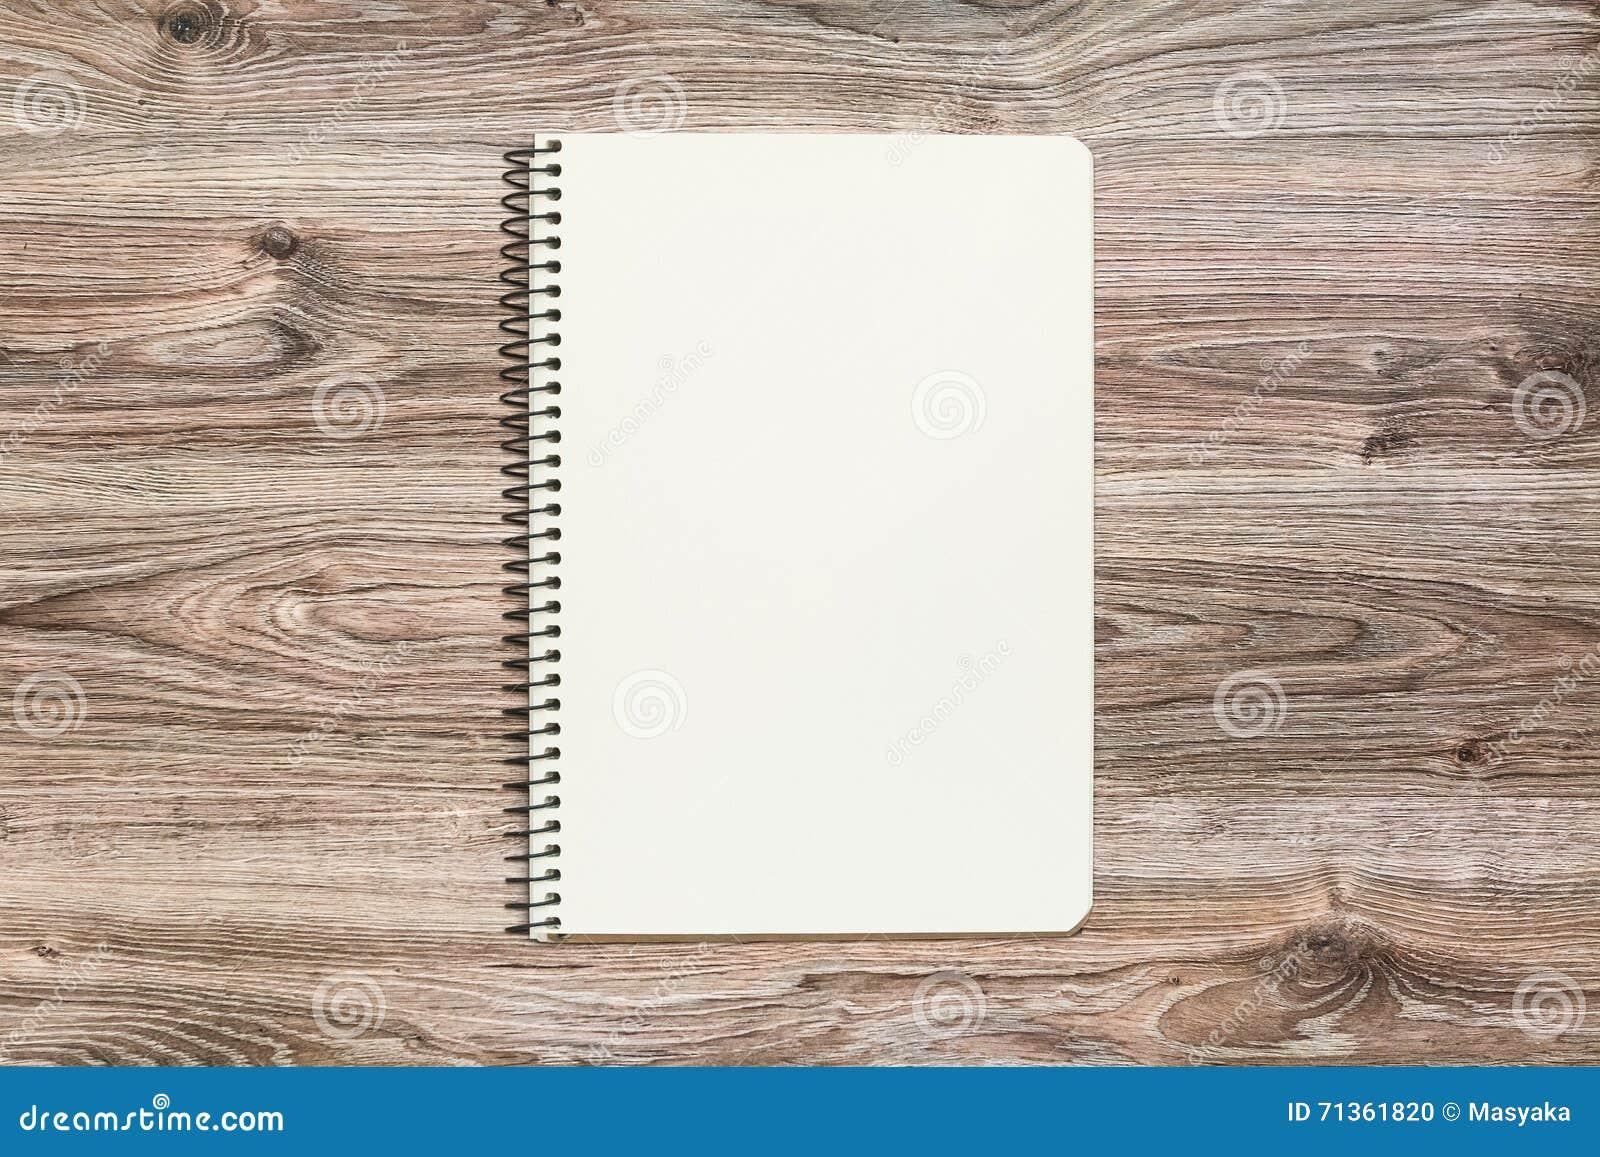 Model van open blocnote met blanco pagina op houten achtergrond stock foto afbeelding 71361820 - Ruimte model kamer houten ...